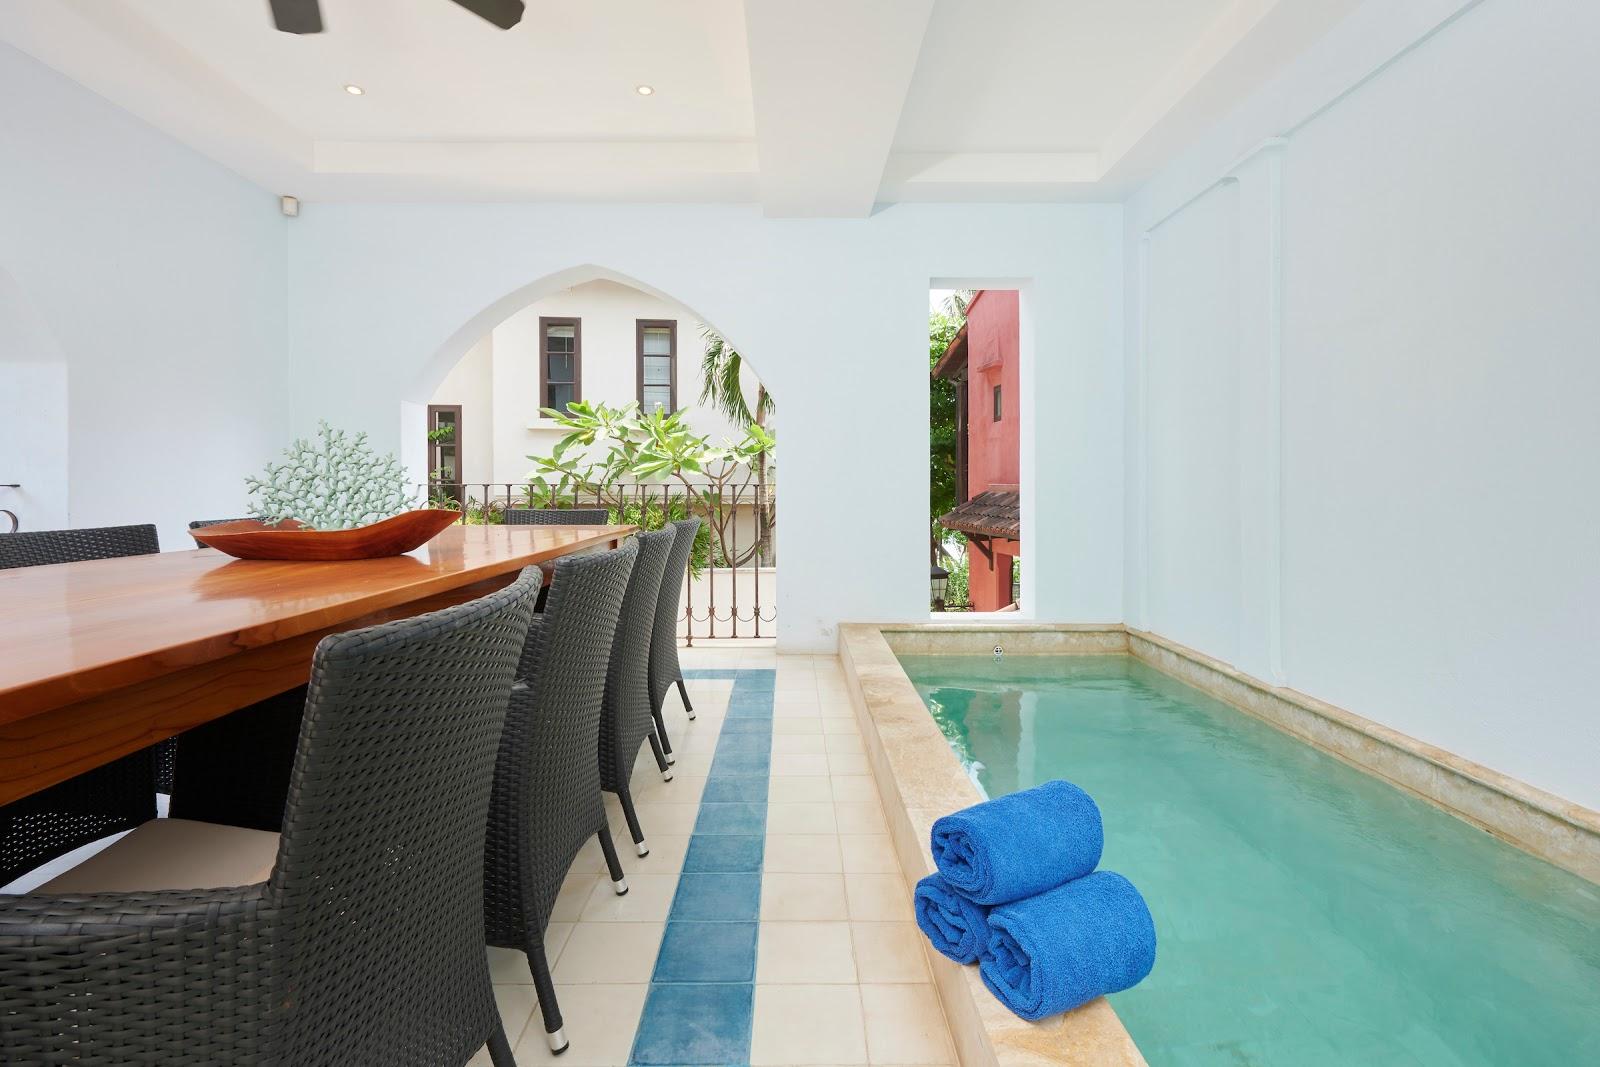 Casa Cazenovia's lap pool is a versatile space for a few warm up laps.